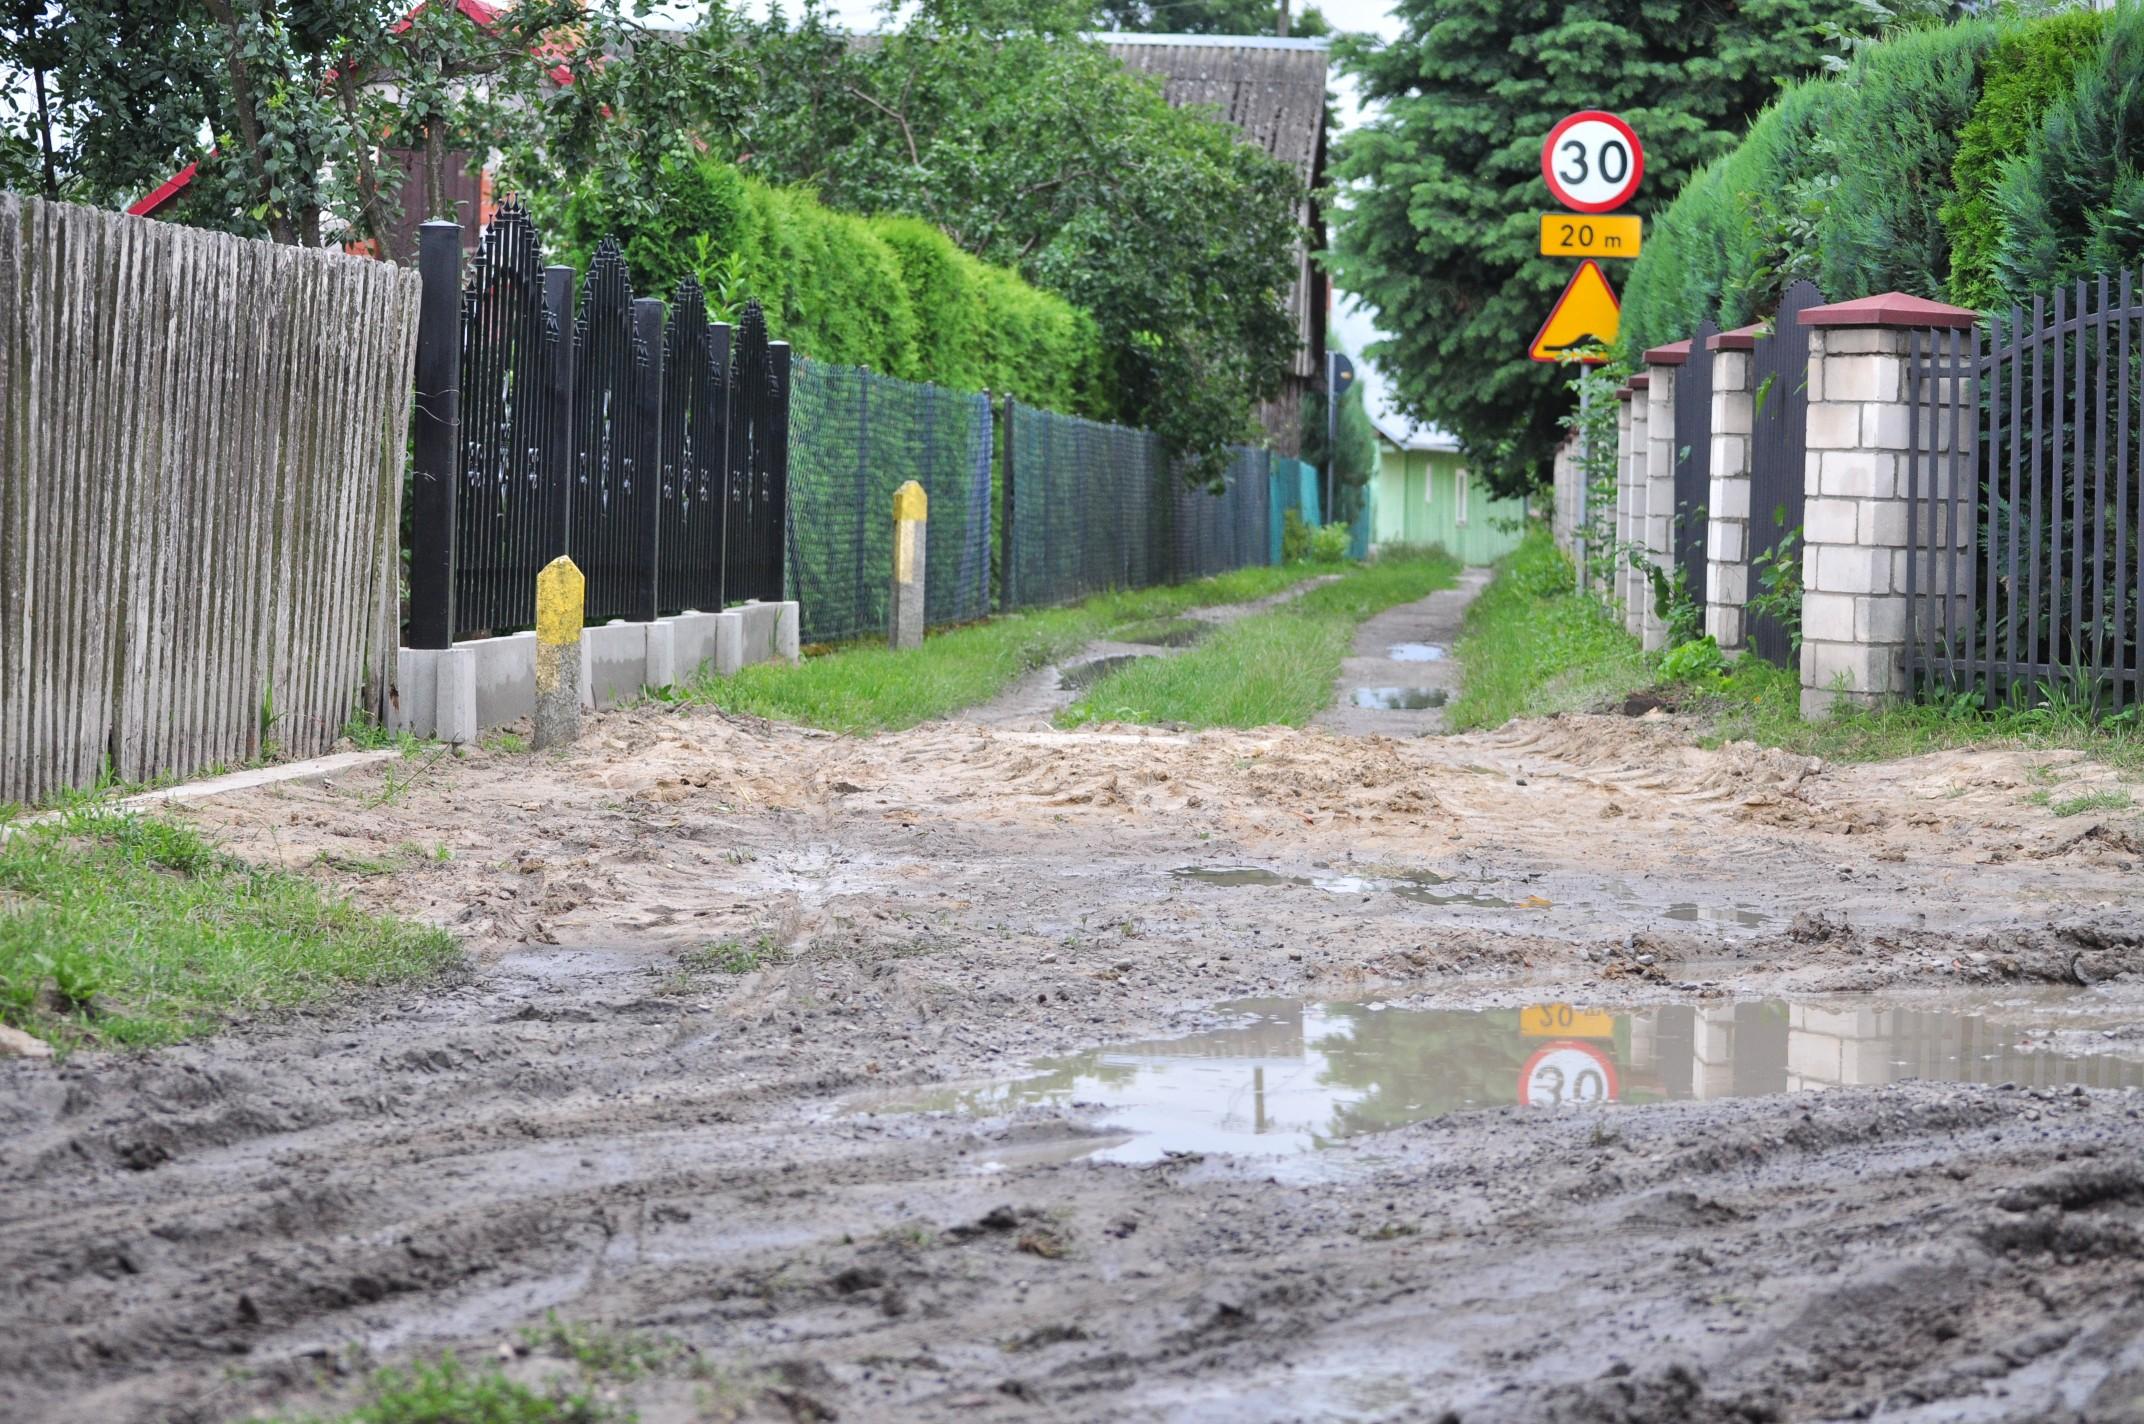 Gmina Raniżów. Remont drogi przeszkadza w codziennym funkcjonowaniu - skarży się Czytelniczka - Zdjęcie główne